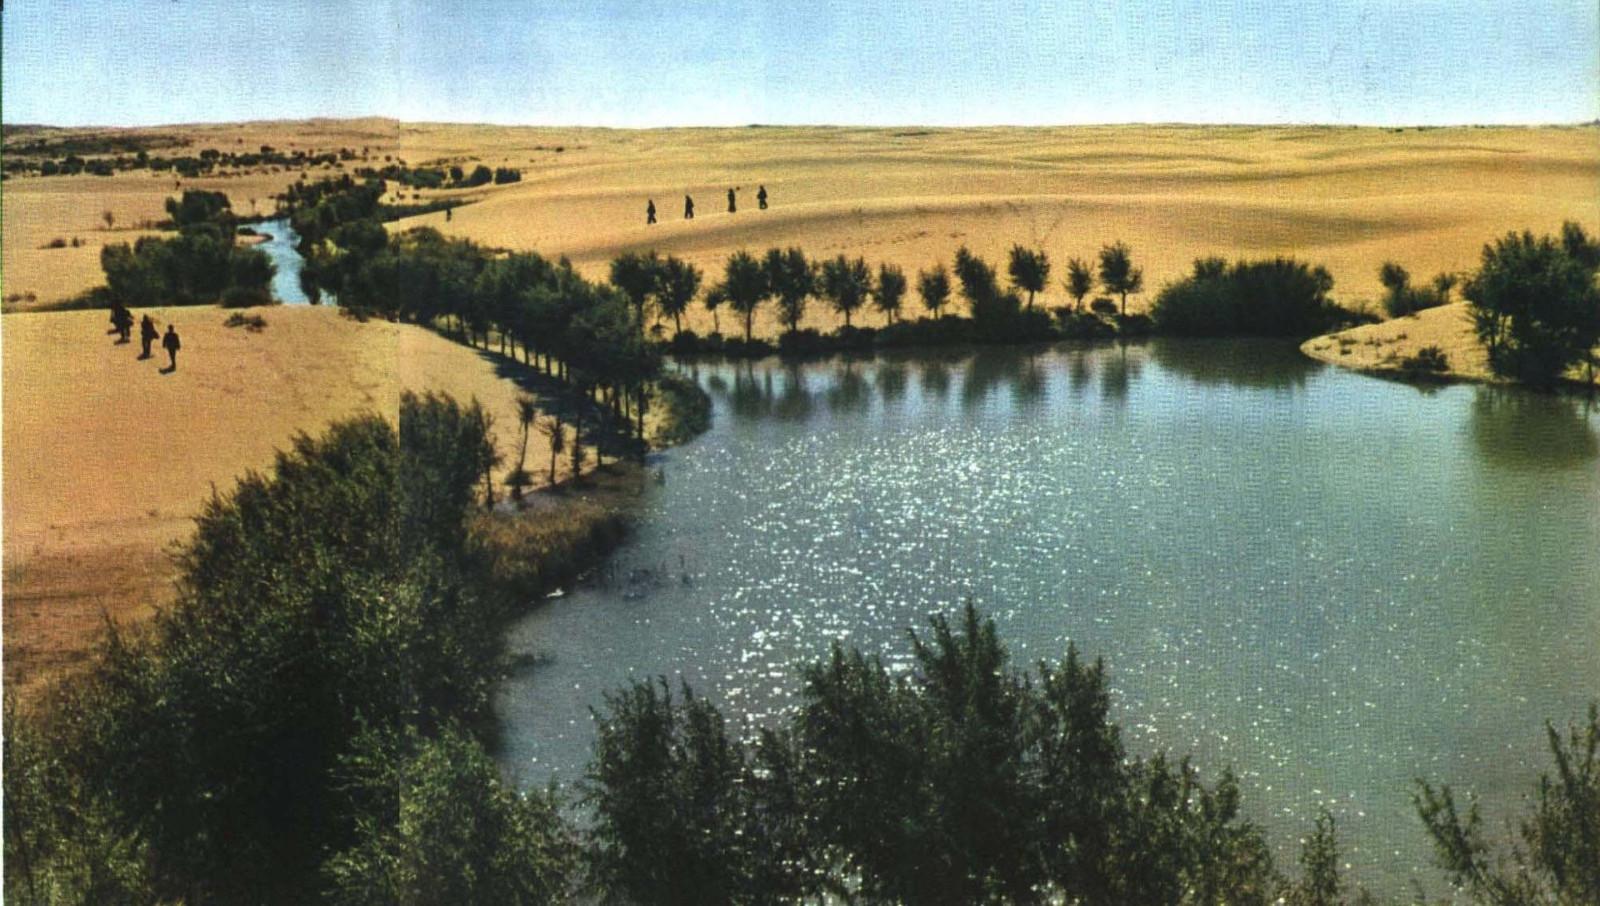 中国首个将要消失的沙漠:毛乌素沙漠即将从地图上彻底抹去的照片